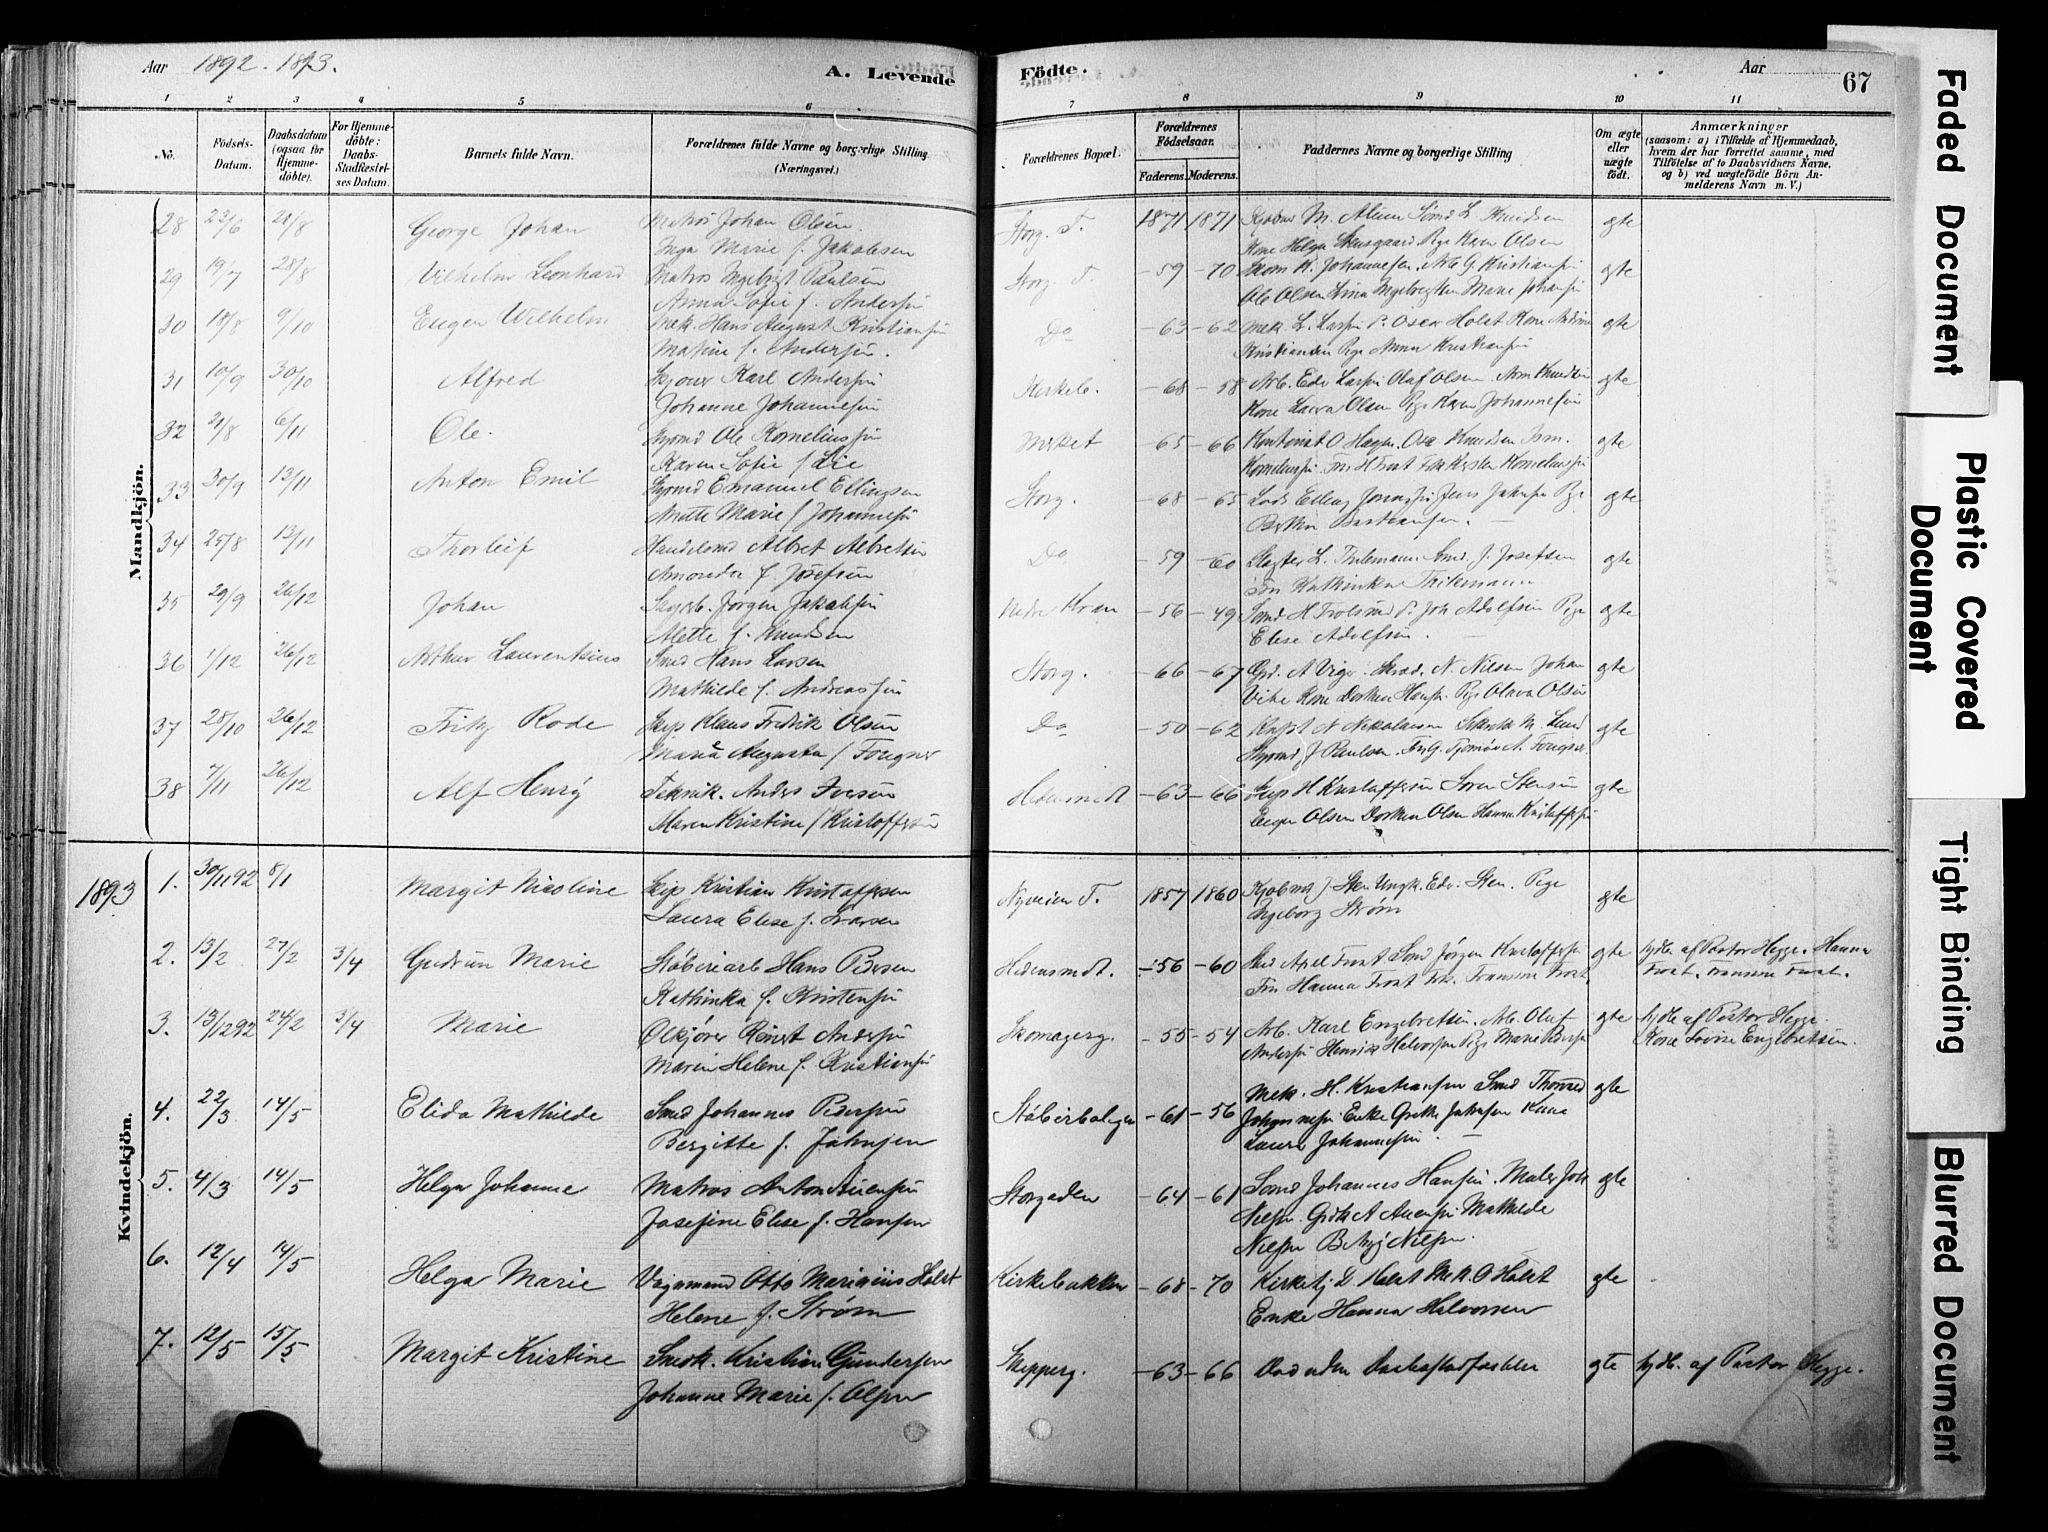 SAKO, Strømsø kirkebøker, F/Fb/L0006: Ministerialbok nr. II 6, 1879-1910, s. 67